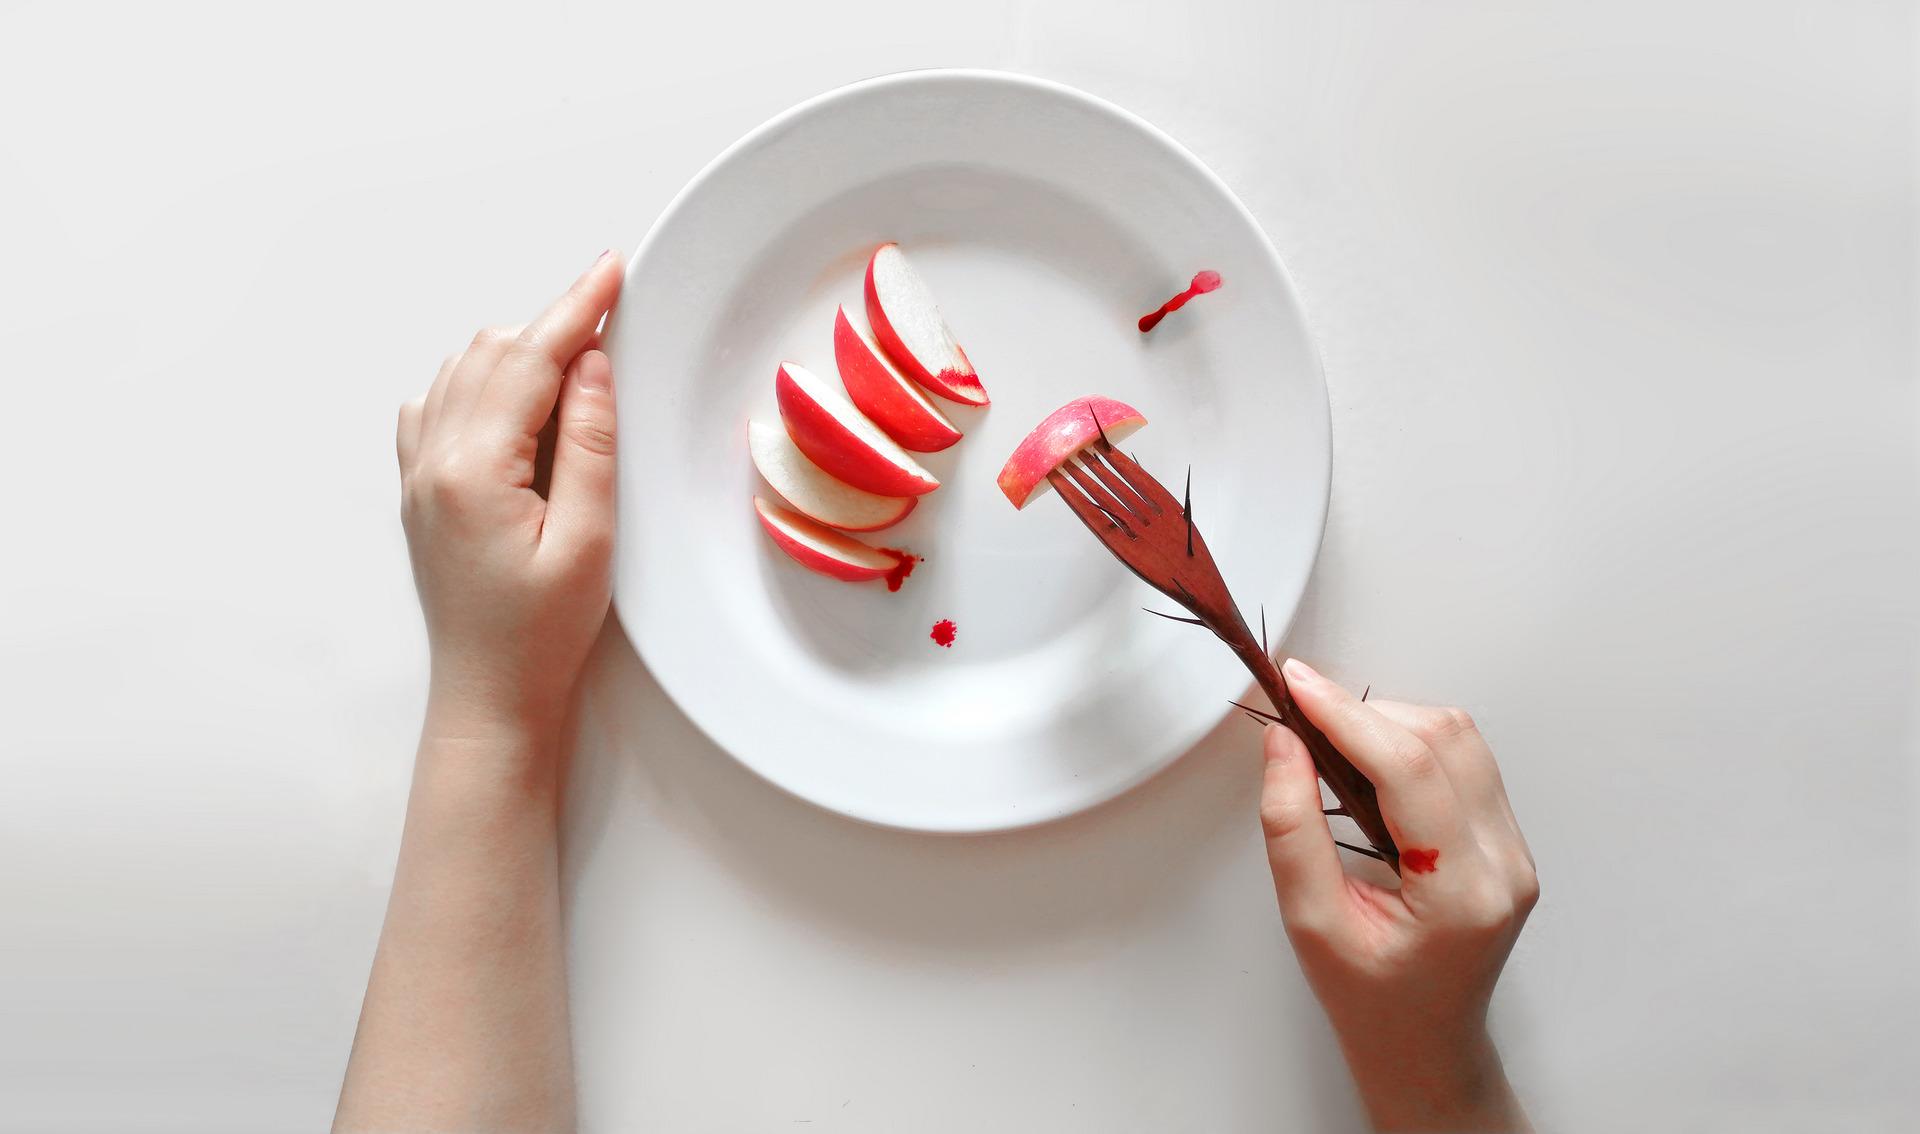 Diet trainer — Fork